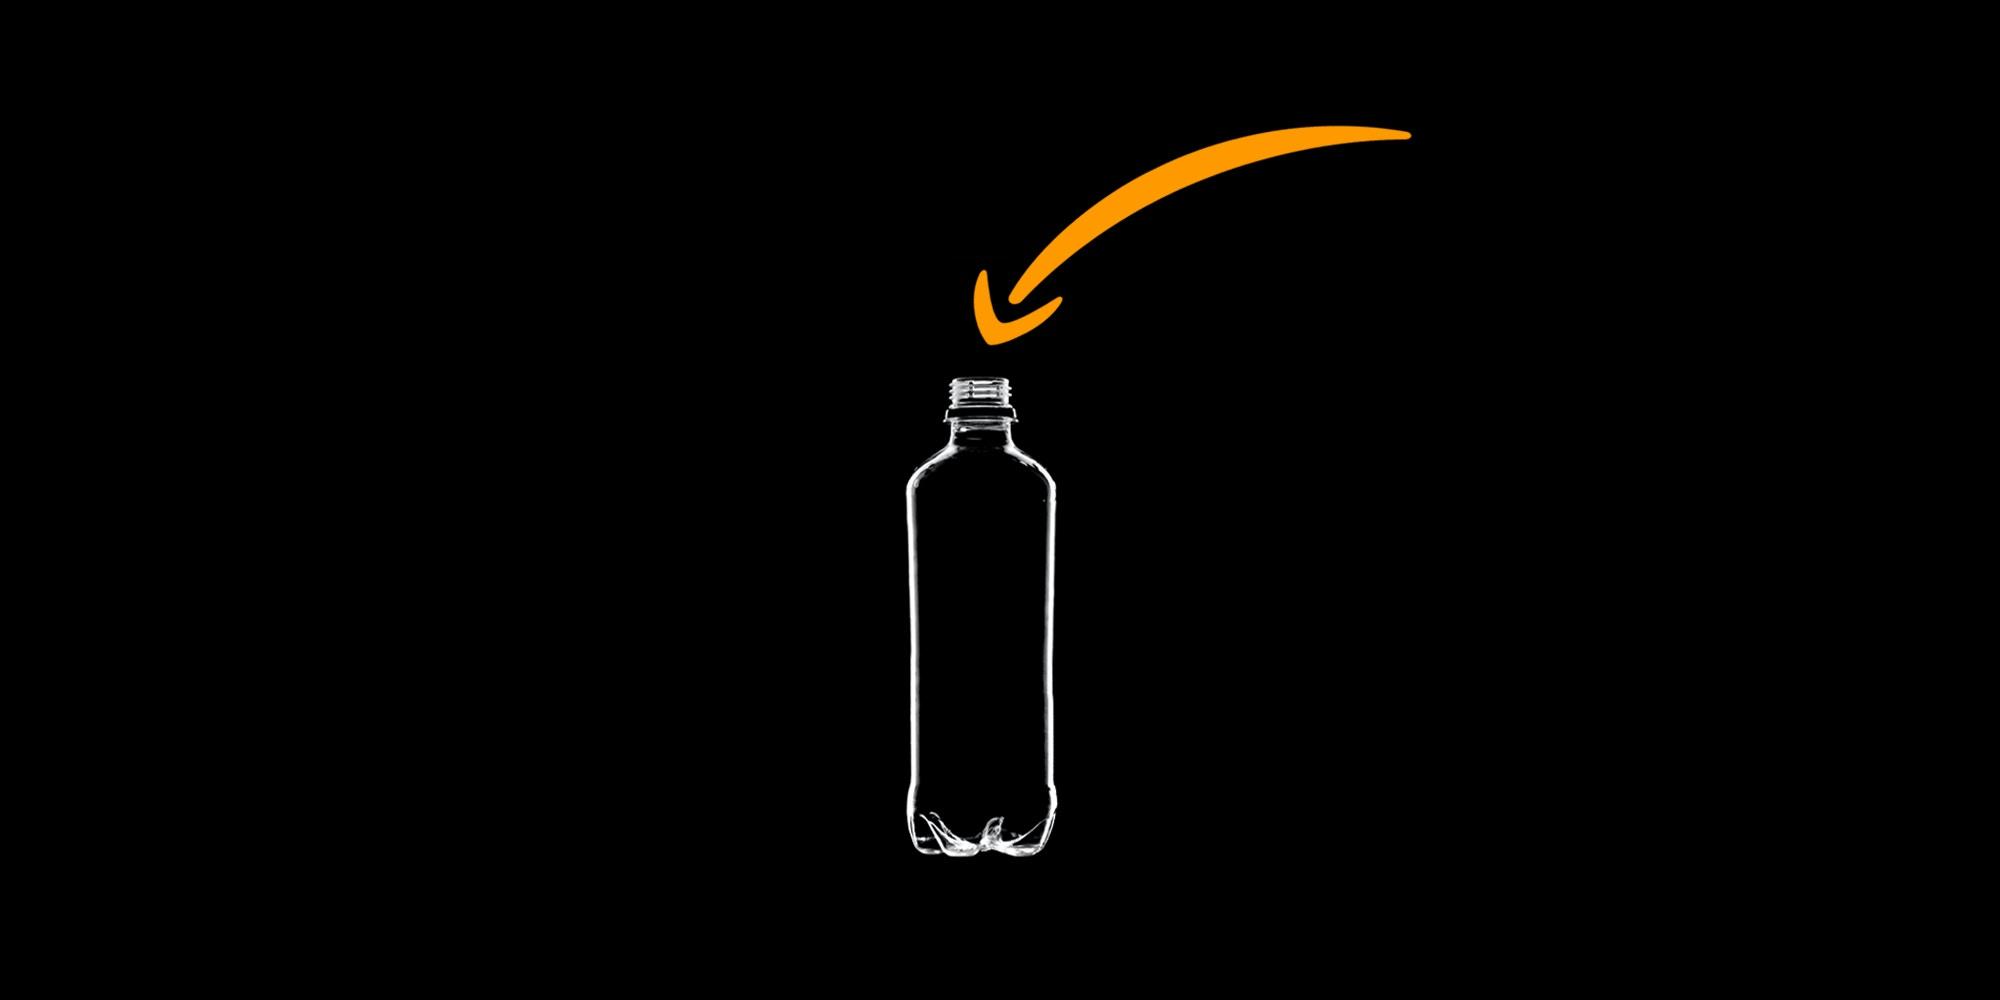 amazon-pee-bottle-2.jpg